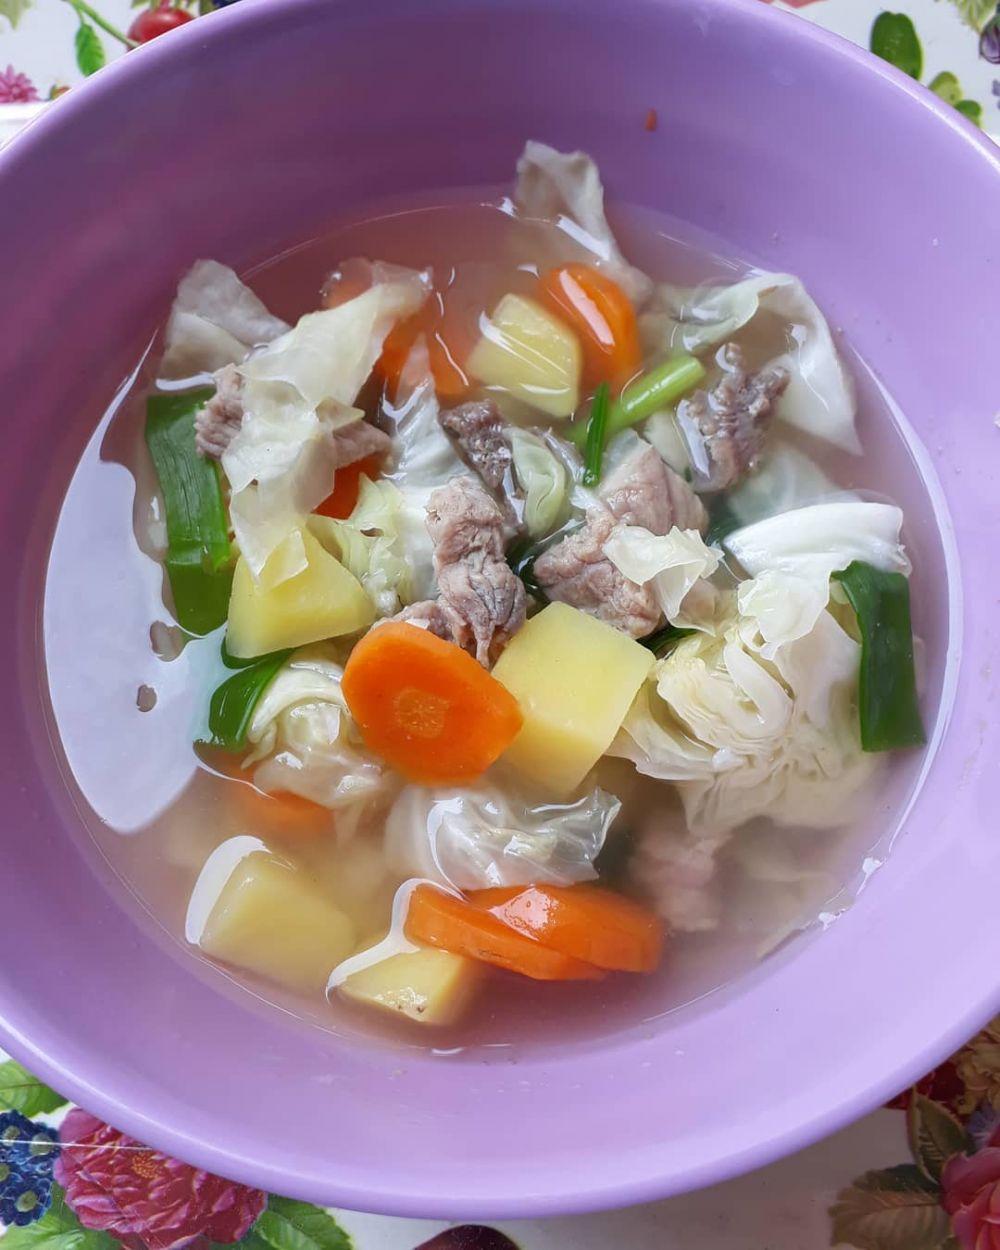 Resep Sayur Sop Yang Enak : resep, sayur, Resep, Sederhana,, Menggugah, Selera